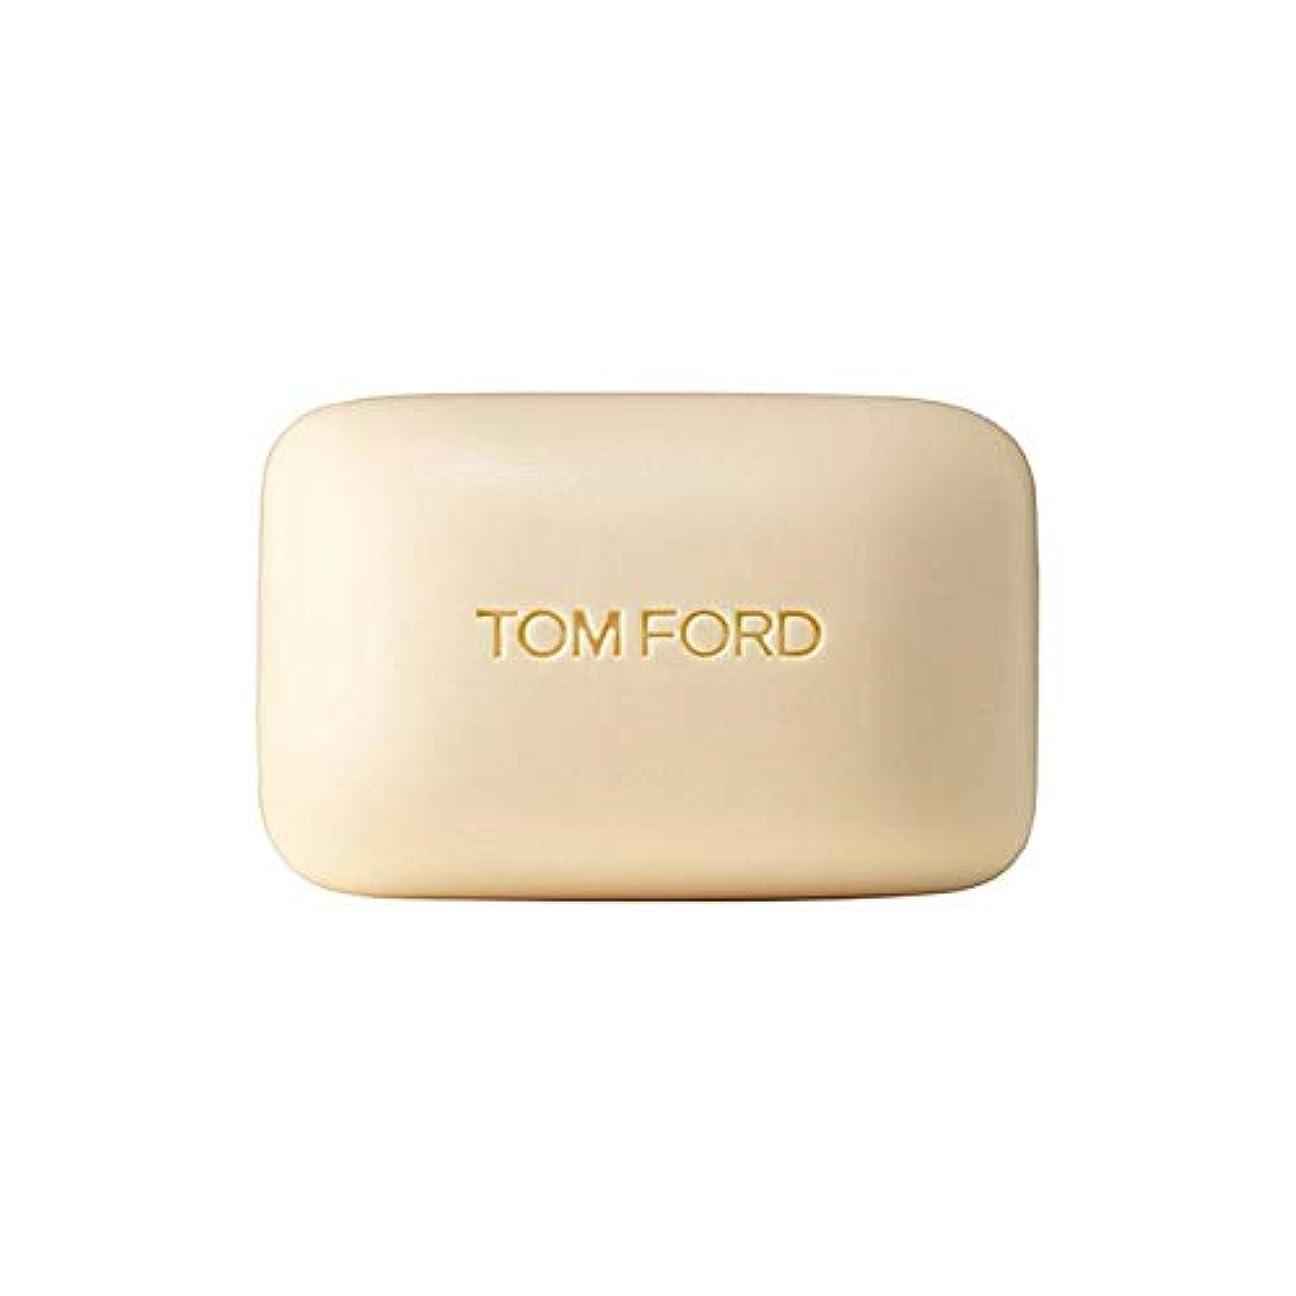 会議価格デコレーション[Tom Ford] トムフォードジャスミンルージュソープバー150グラム - Tom Ford Jasmin Rouge Soap Bar 150G [並行輸入品]